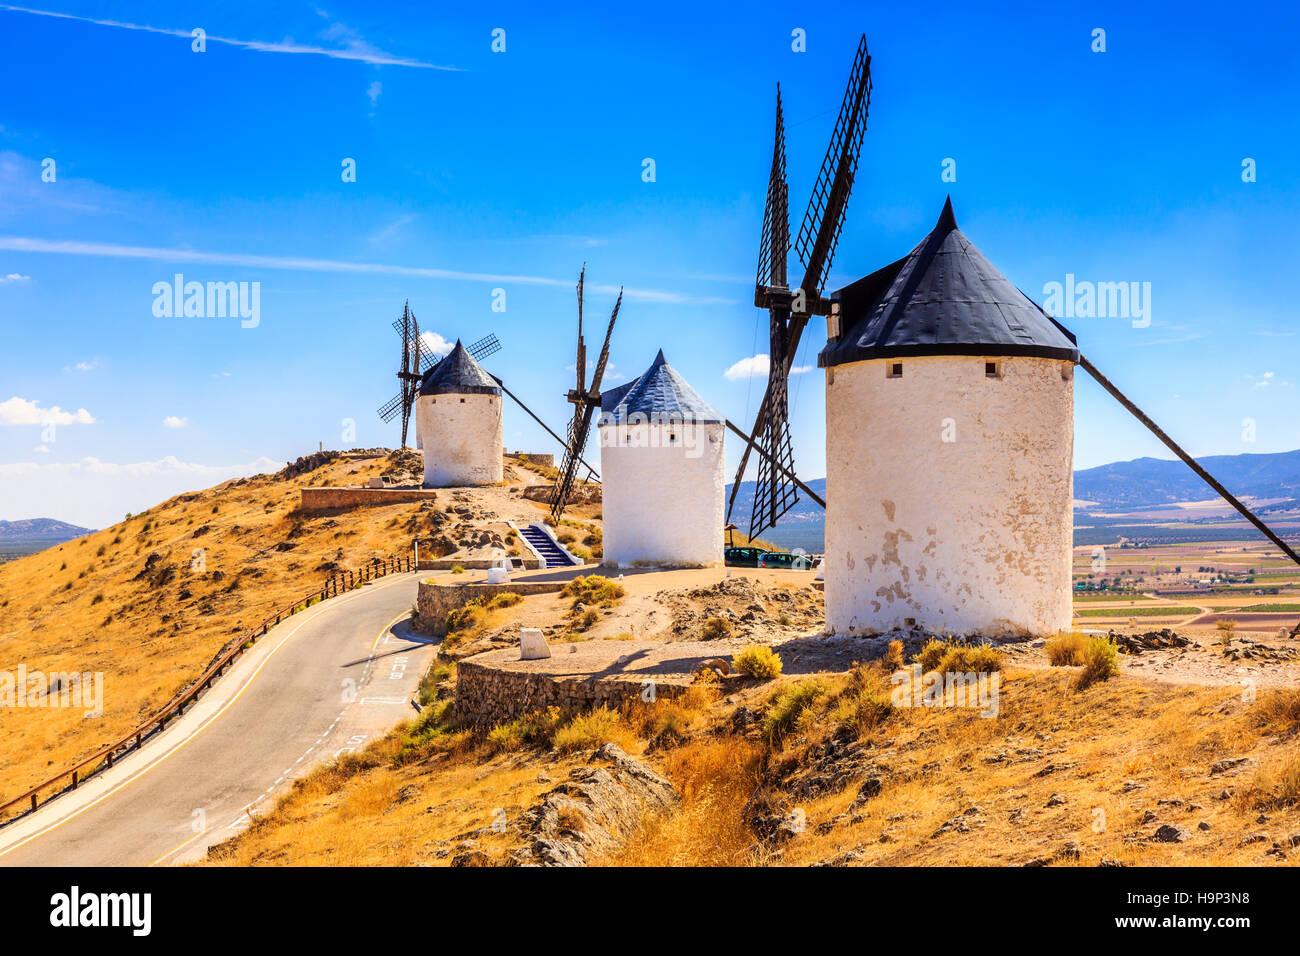 Consuegra, España. Los molinos de viento de Don Quijote en la provincia de Toledo. Imagen De Stock